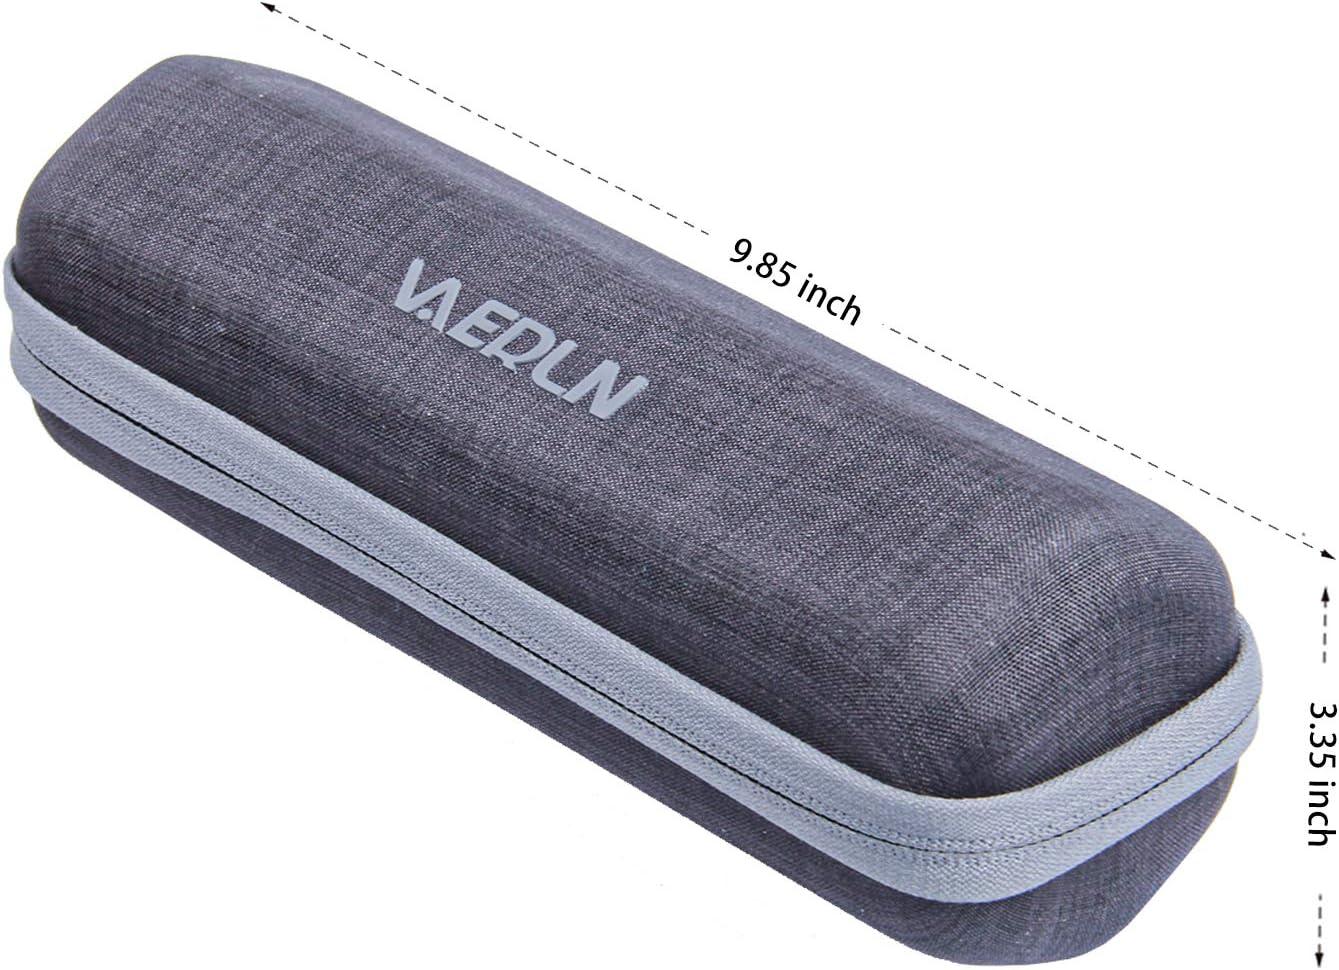 Vanerdun JBL Flip 5 Speaker Carrying Case Black EVA Hard Travel ...